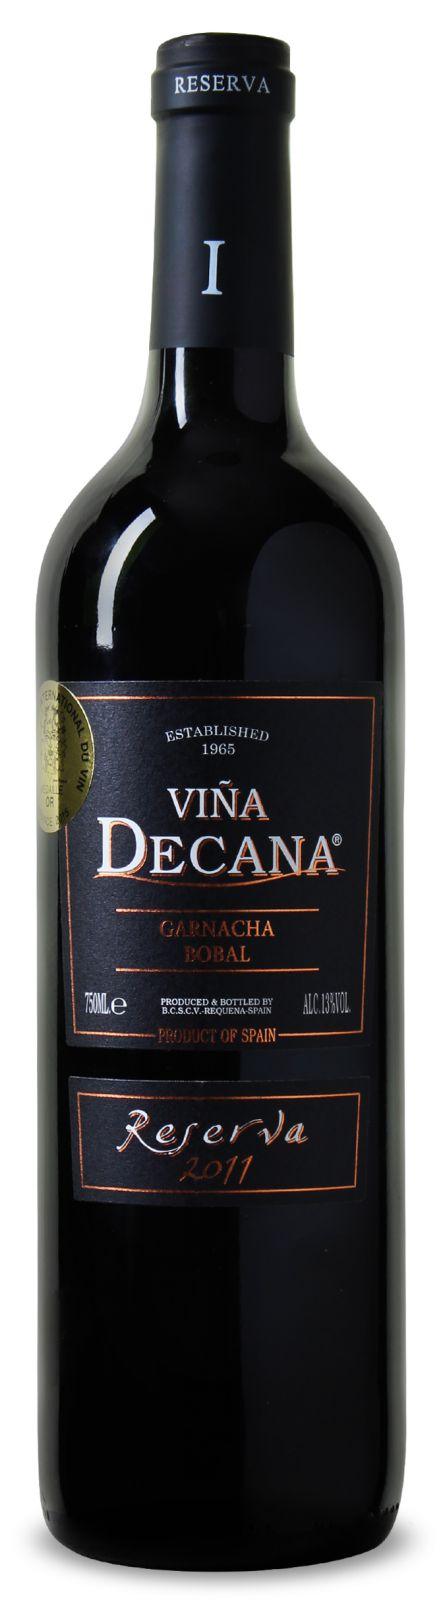 vina-decana-reserva-utiel-requena-doc_bottle-500x500.jpg